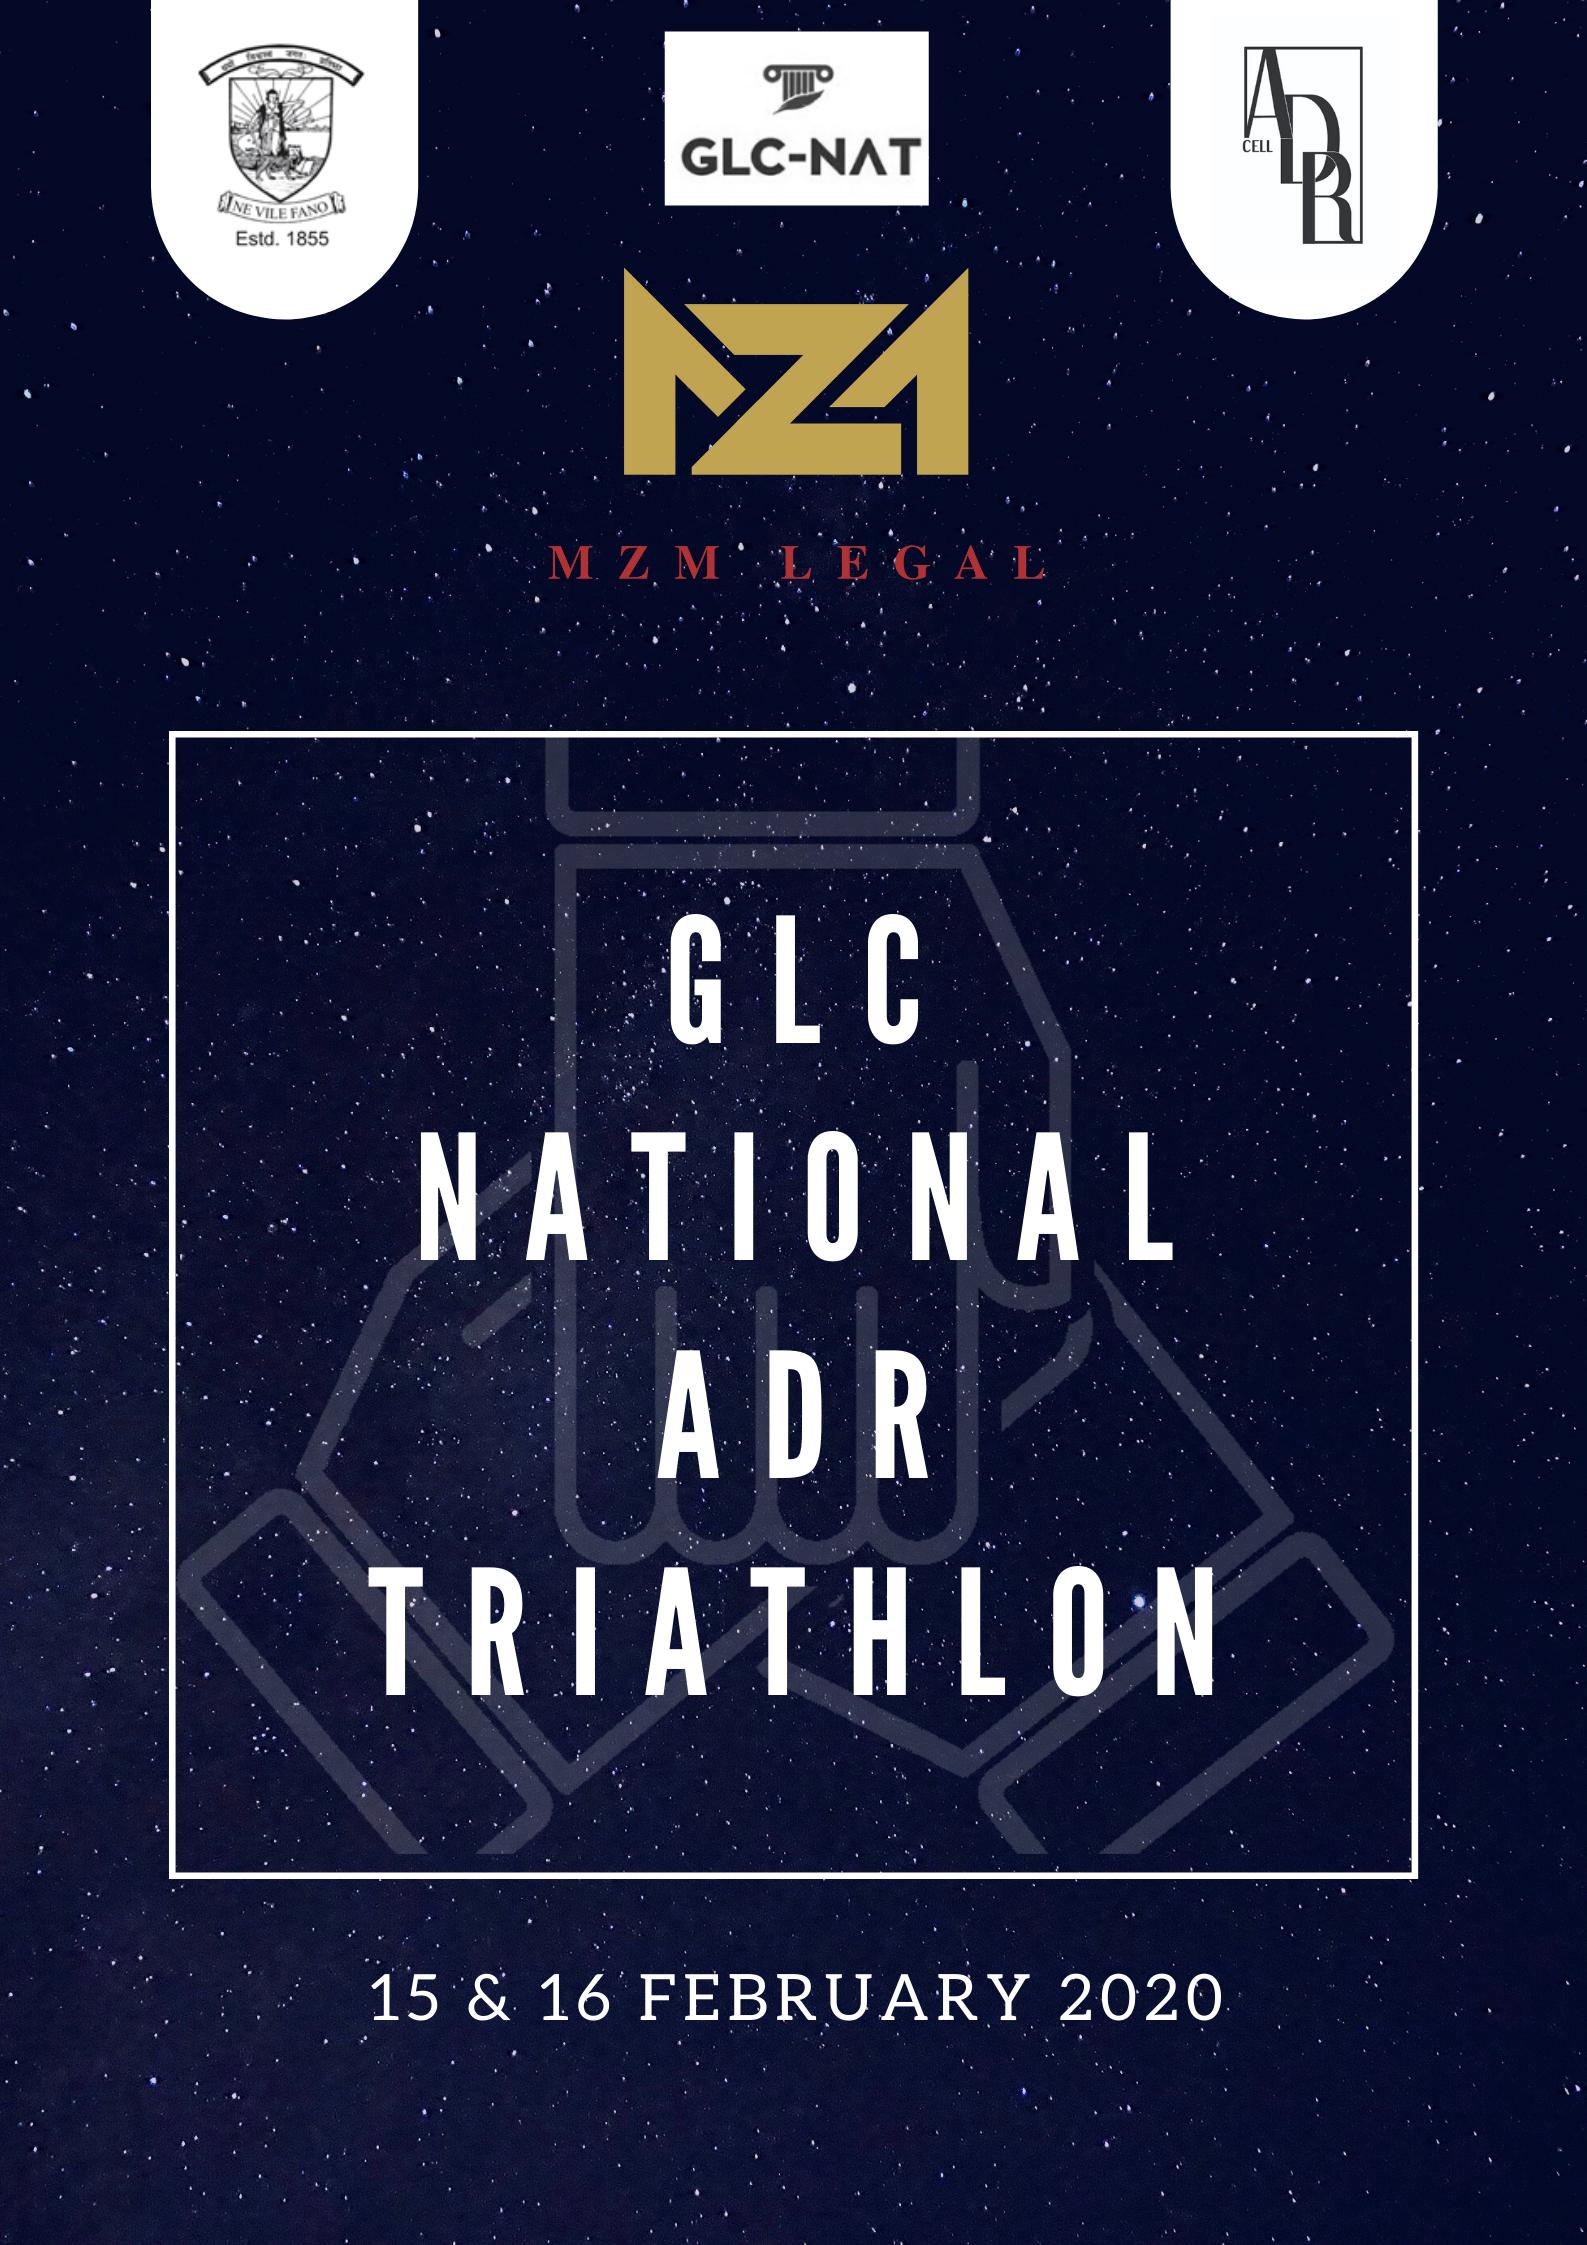 GLC National ADR Triathlon, 2020